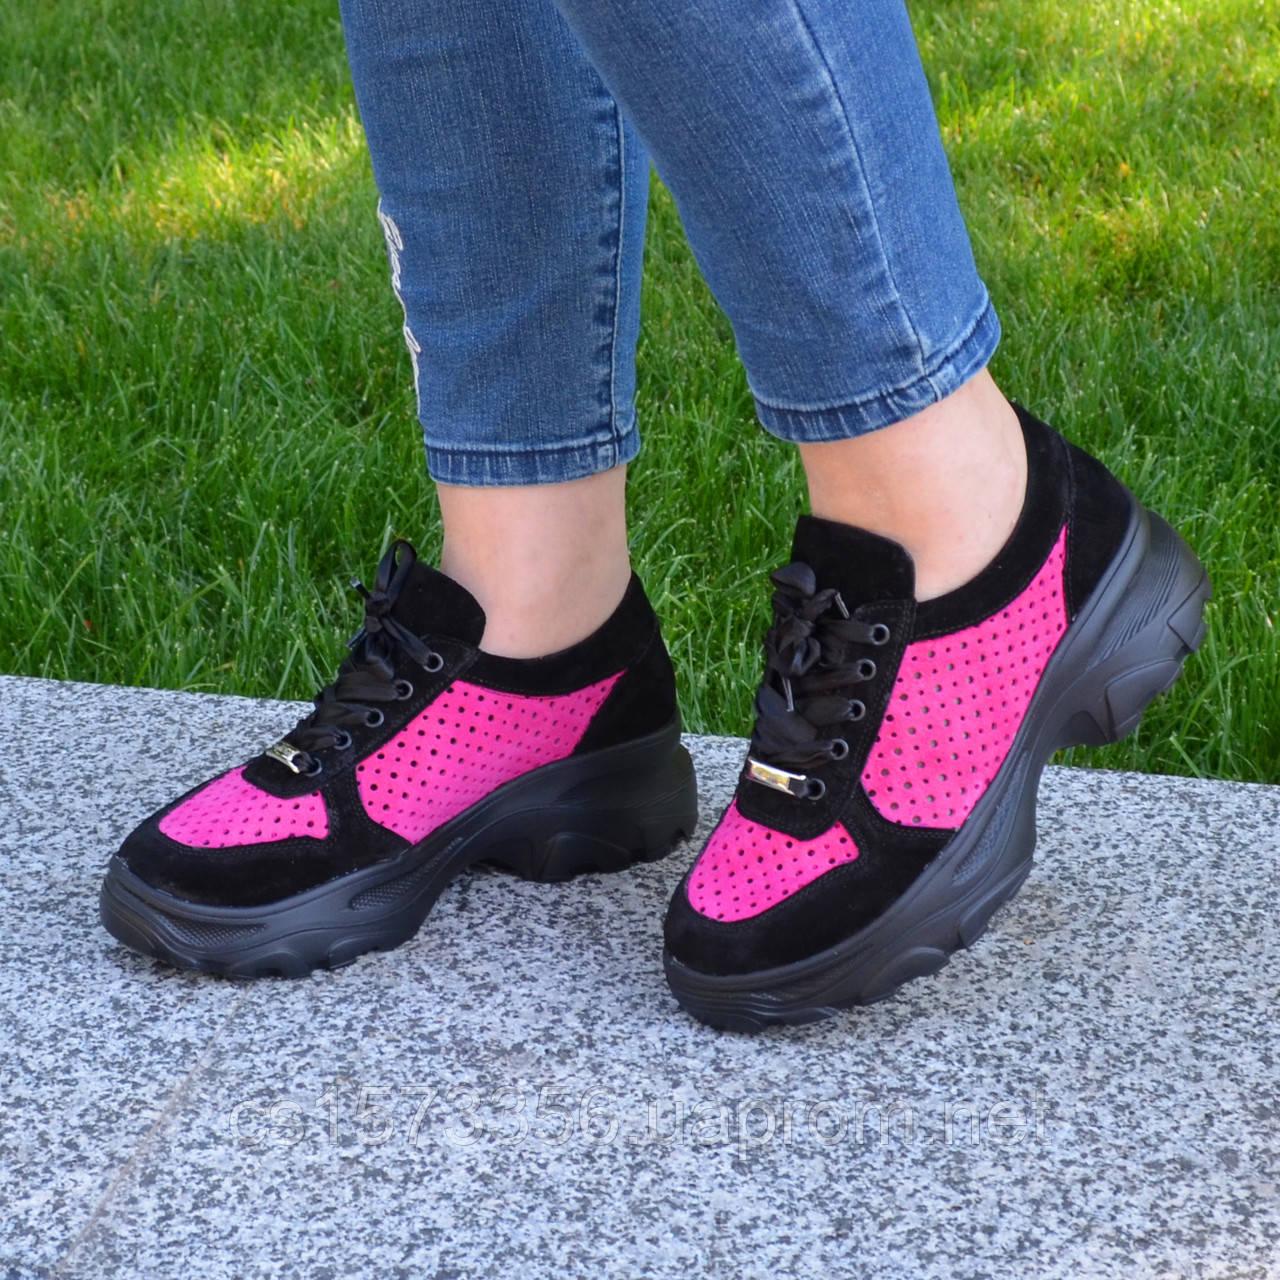 Стильные женские замшевые кроссовки на шнуровке, цвет черный/фуксия